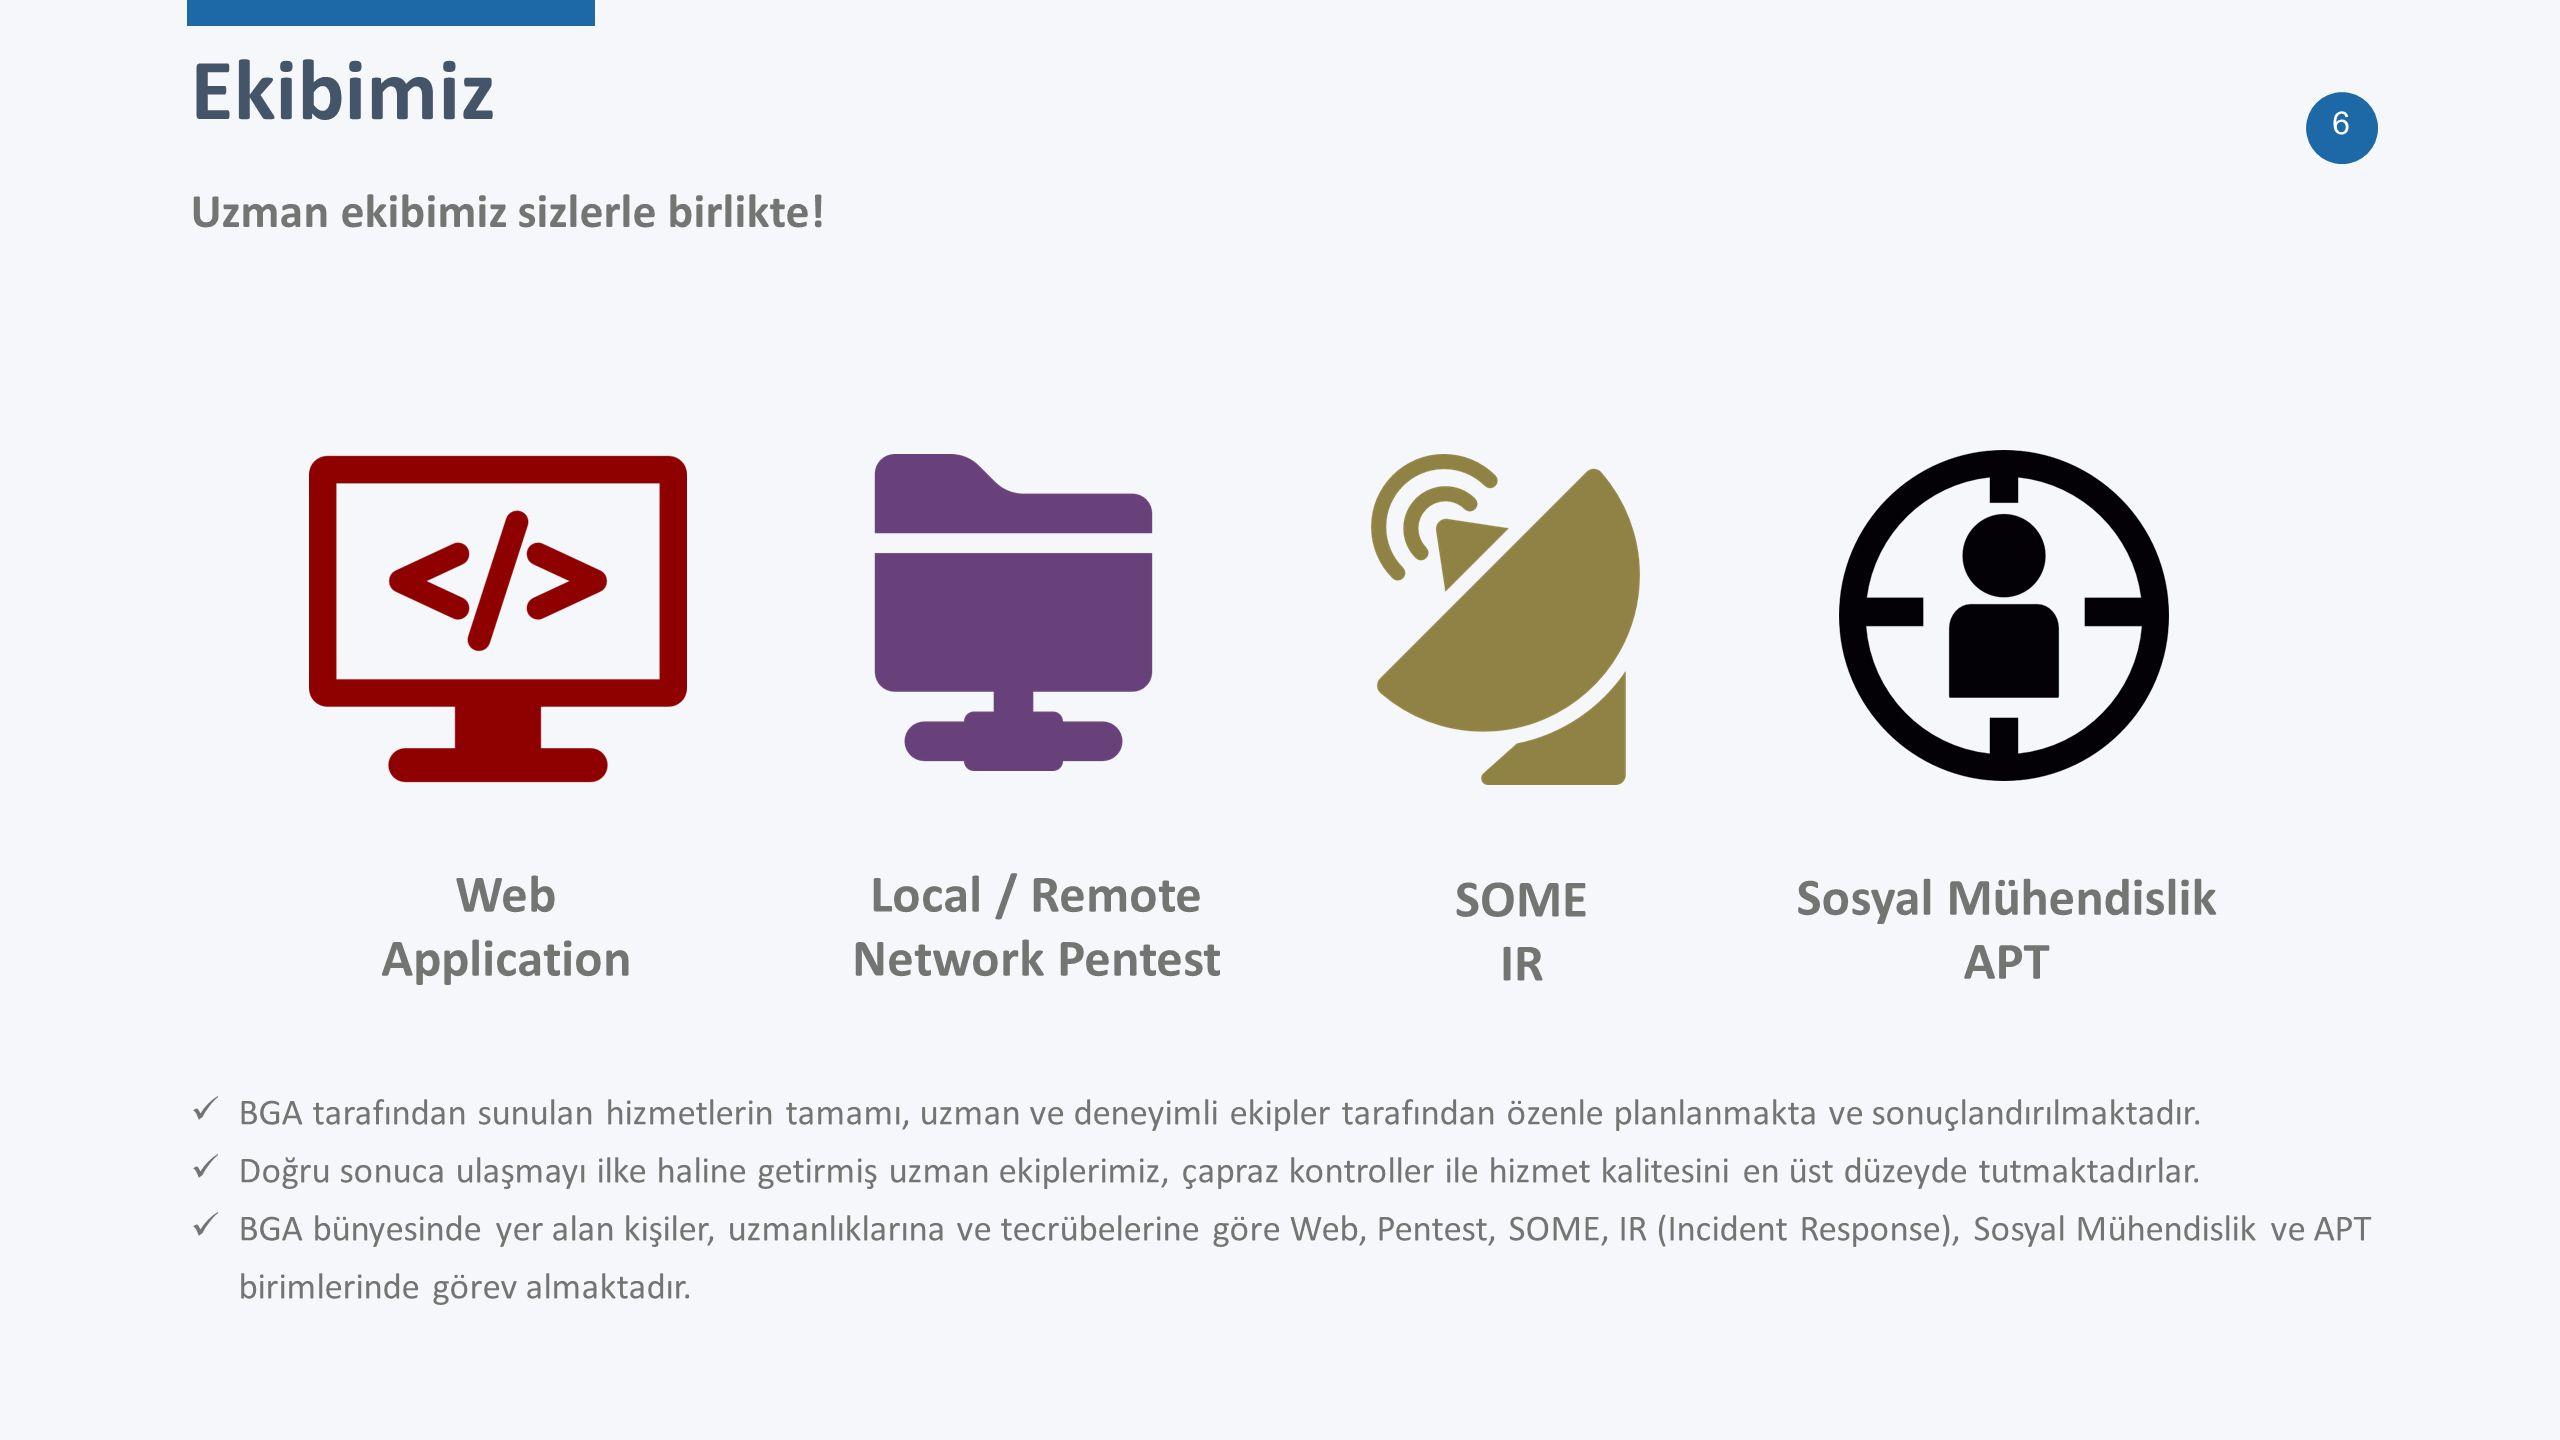 17 Sosyal Sorumluluk Projeleri Siber Kamp Etkinlikler E-posta Listeleri Dernek ve Vakıflar BGA Staj Okulu Siber Türkiye BGA Bank Siber Kütüphane